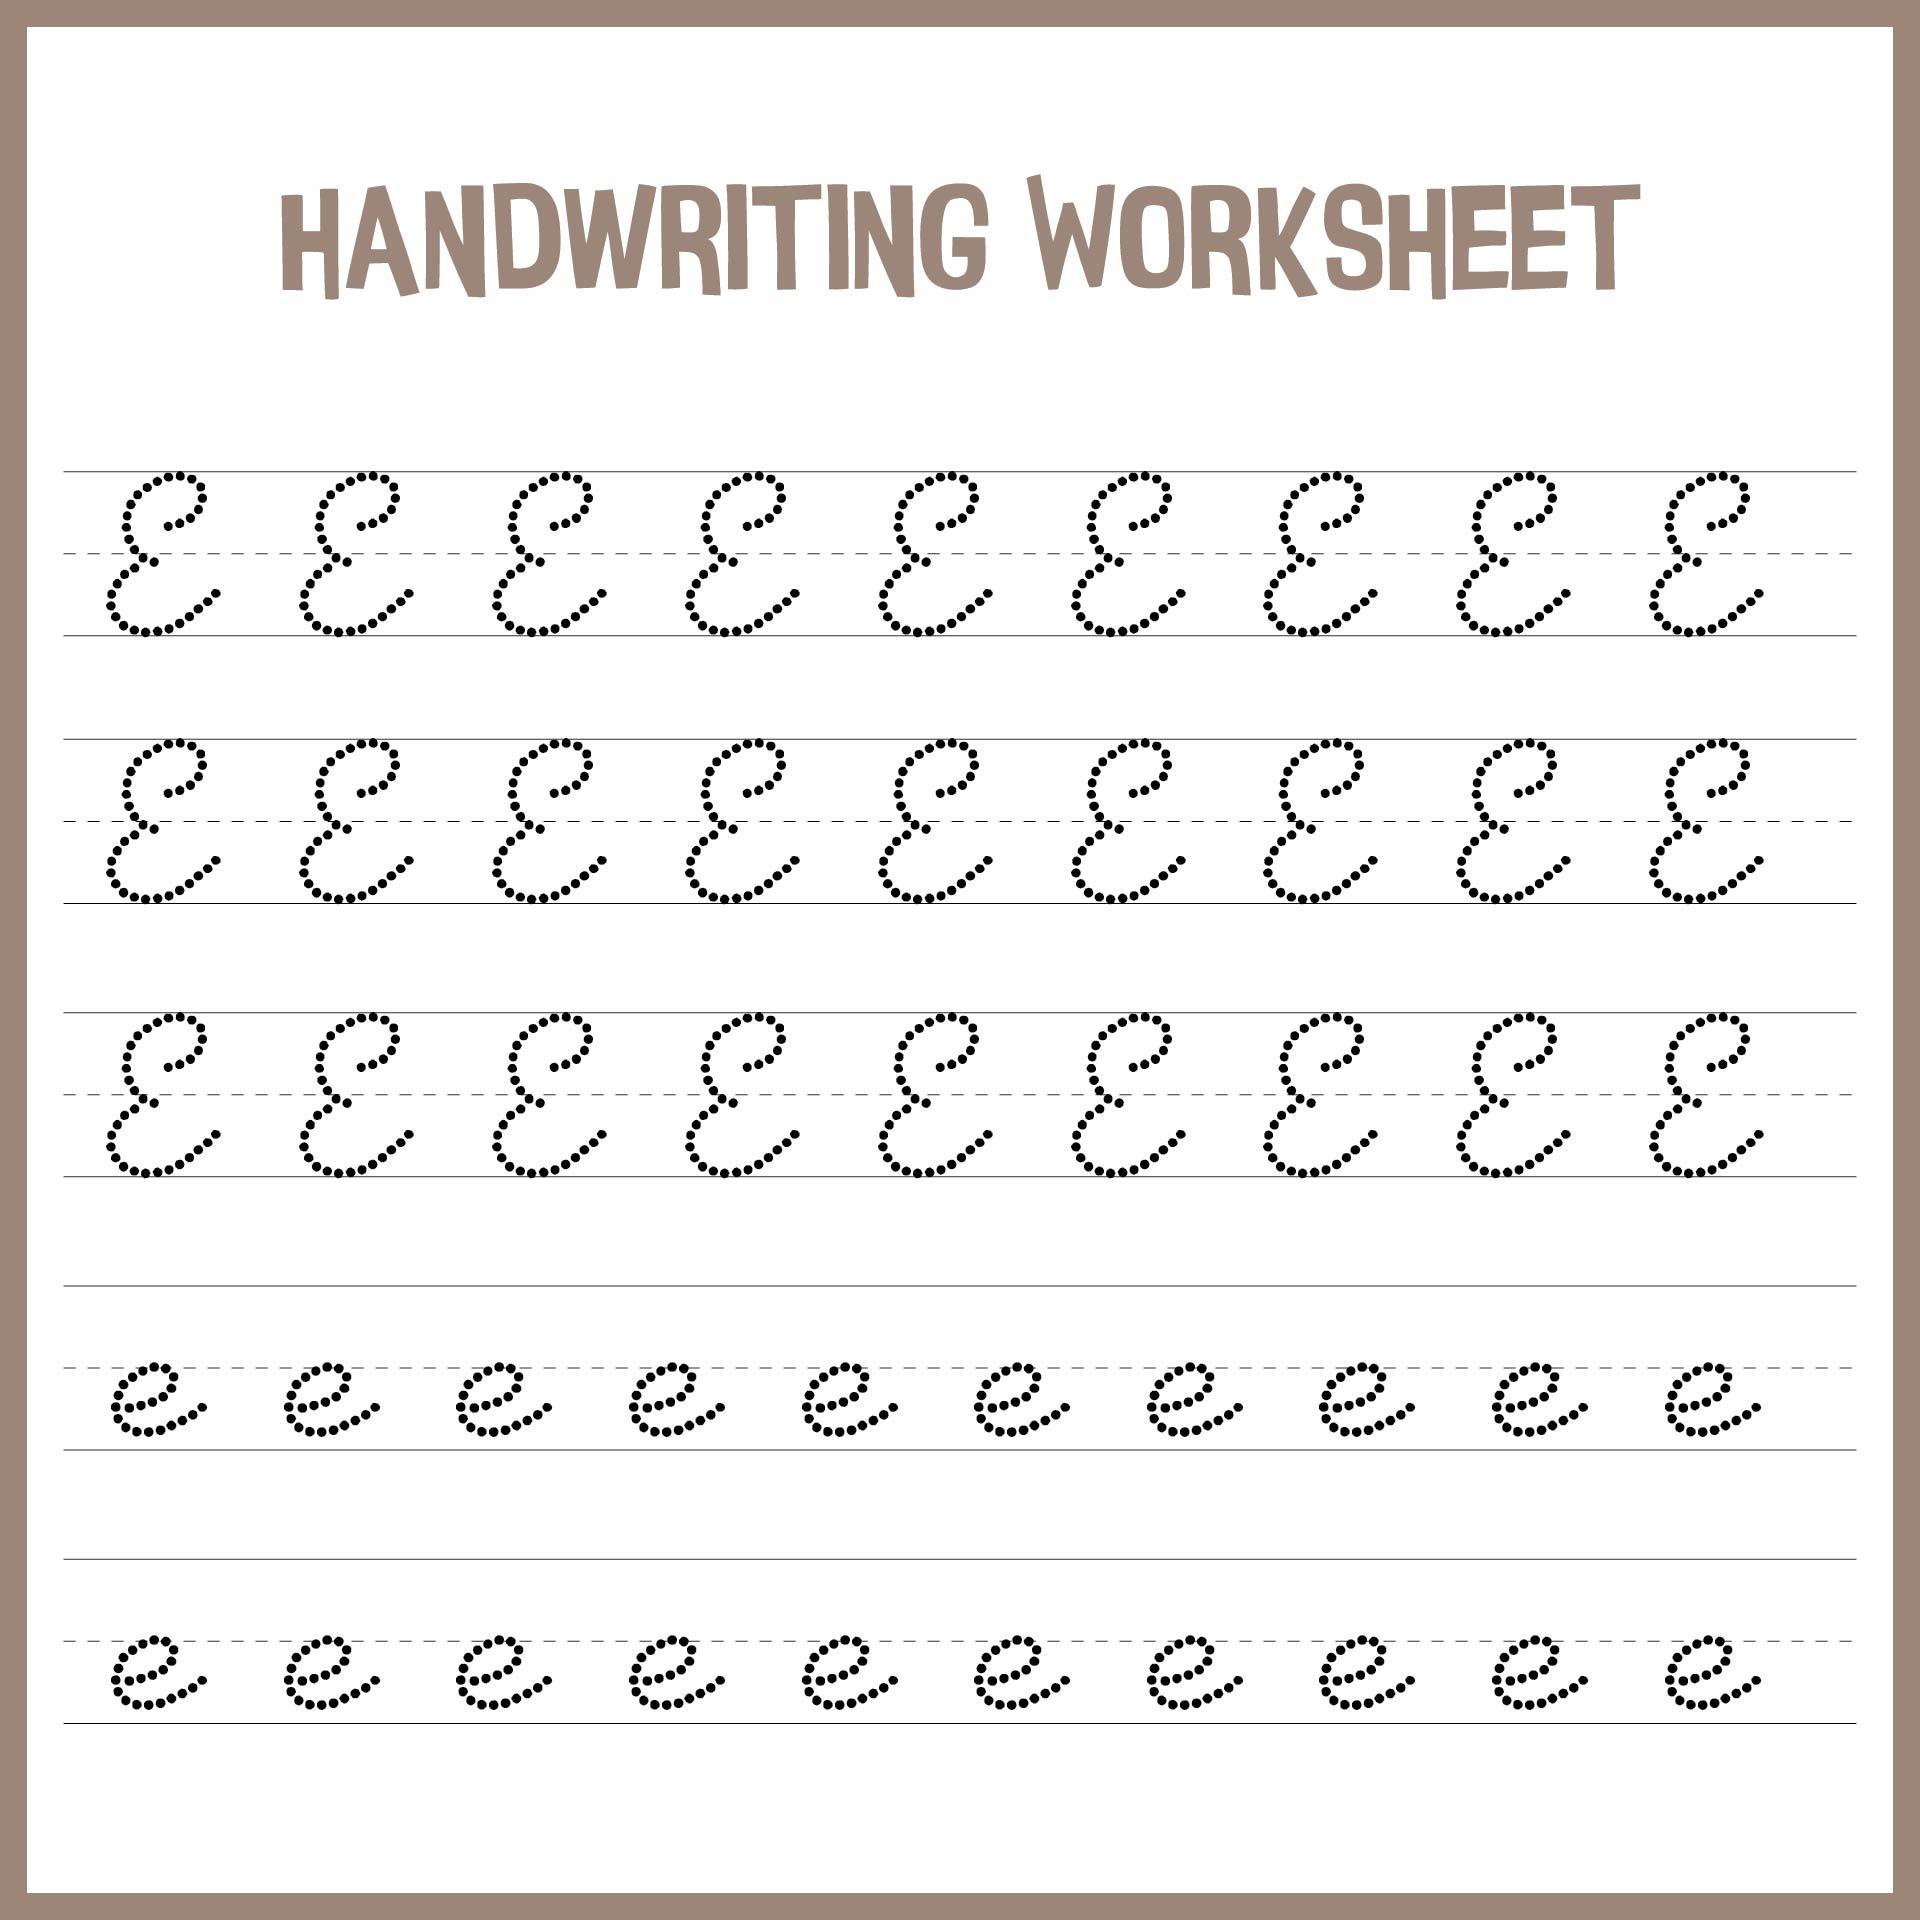 hight resolution of 7 Best Handwriting Printable Kindergarten Worksheets - printablee.com